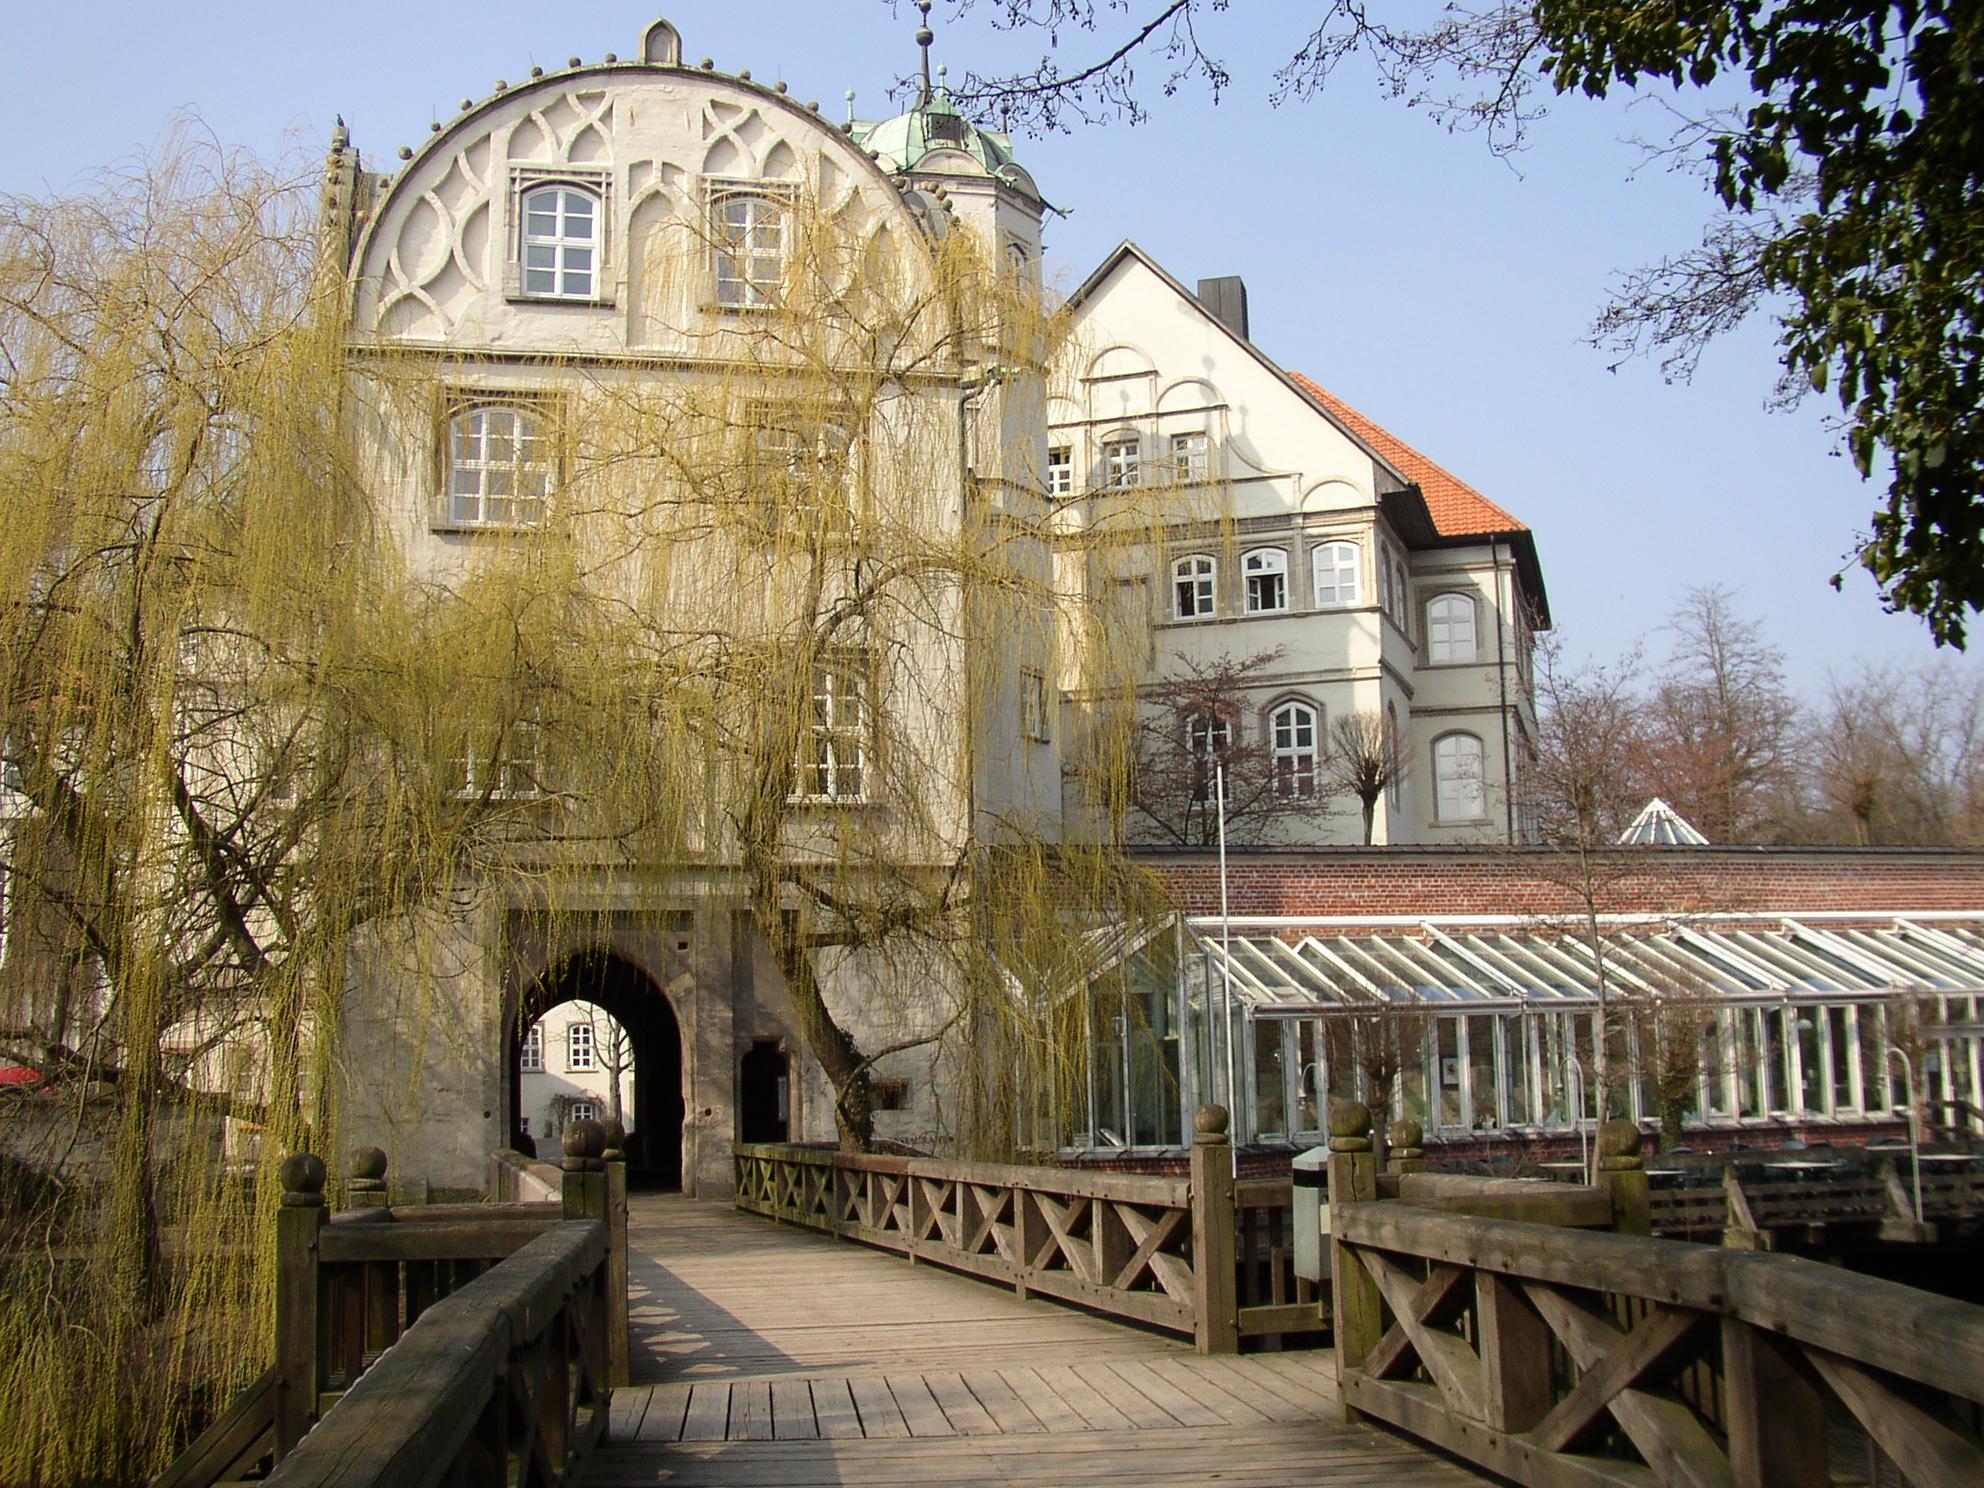 Brücke zum Schloss Gifhorn